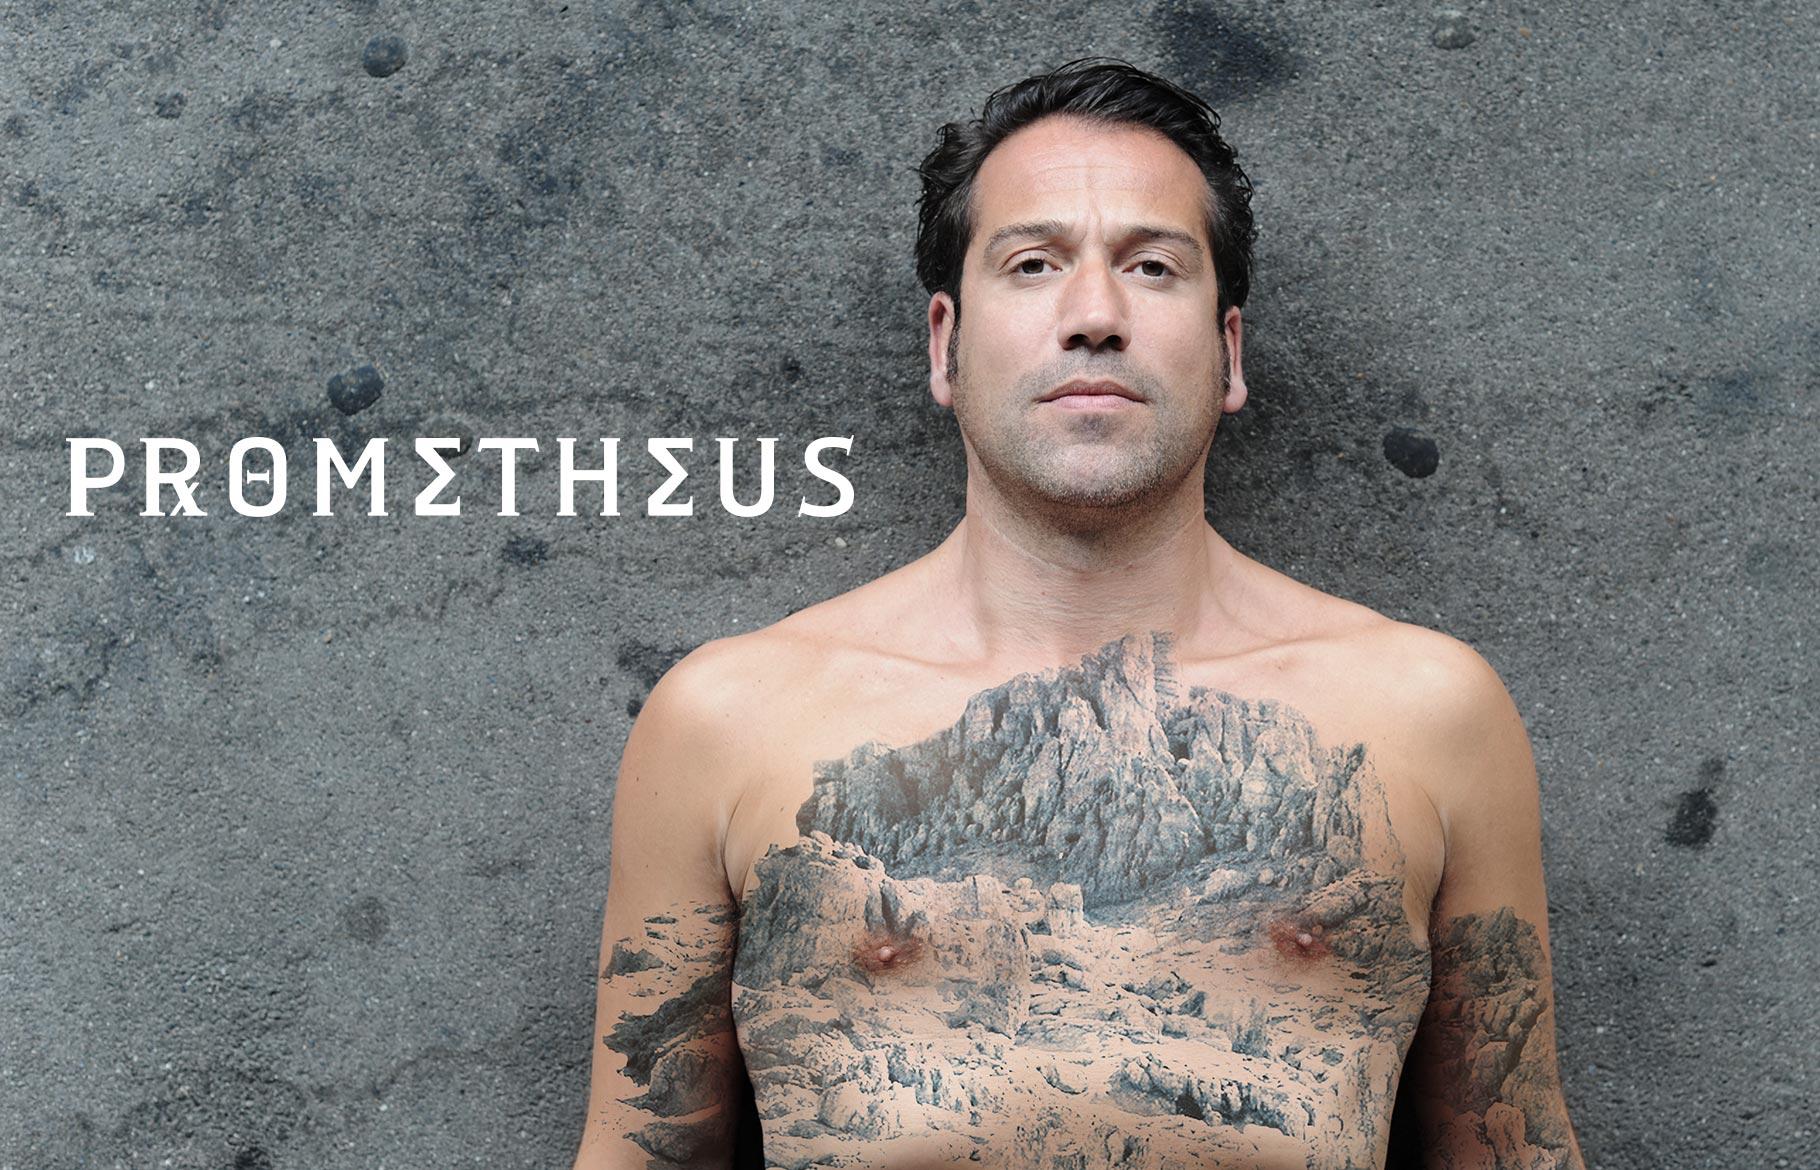 Foto für 'Prometheus': Ein Mann liegt auf dem Asphalt. Auf seinem nackten Oberkörper ist ein großflächiges Tattoo einer Landschaft zu sehen.